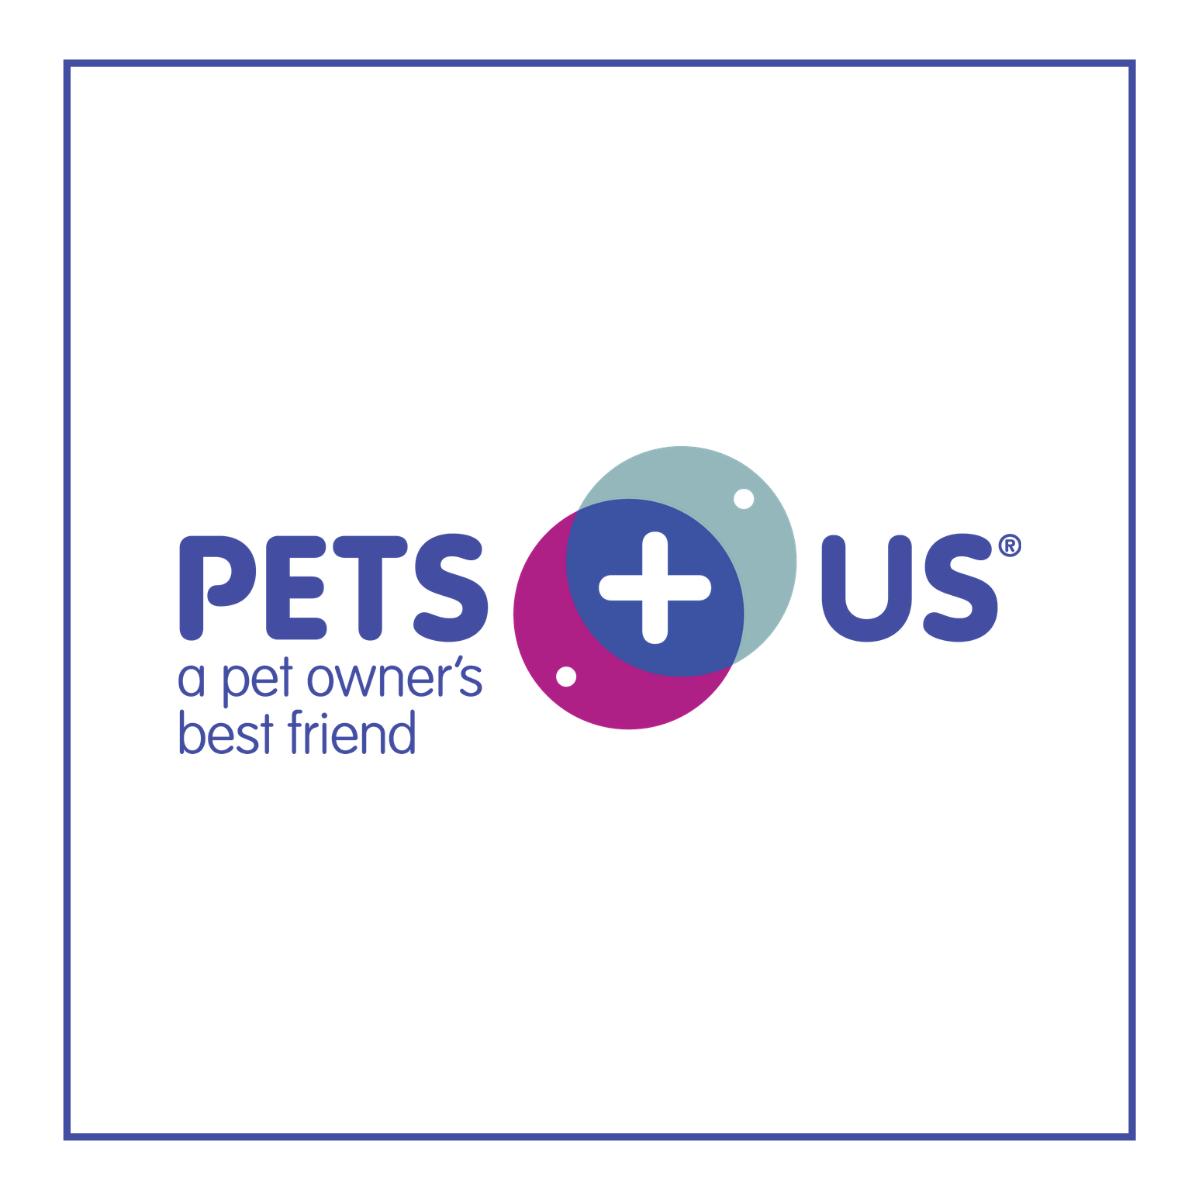 Pets Plus Us Pet Insurance Review